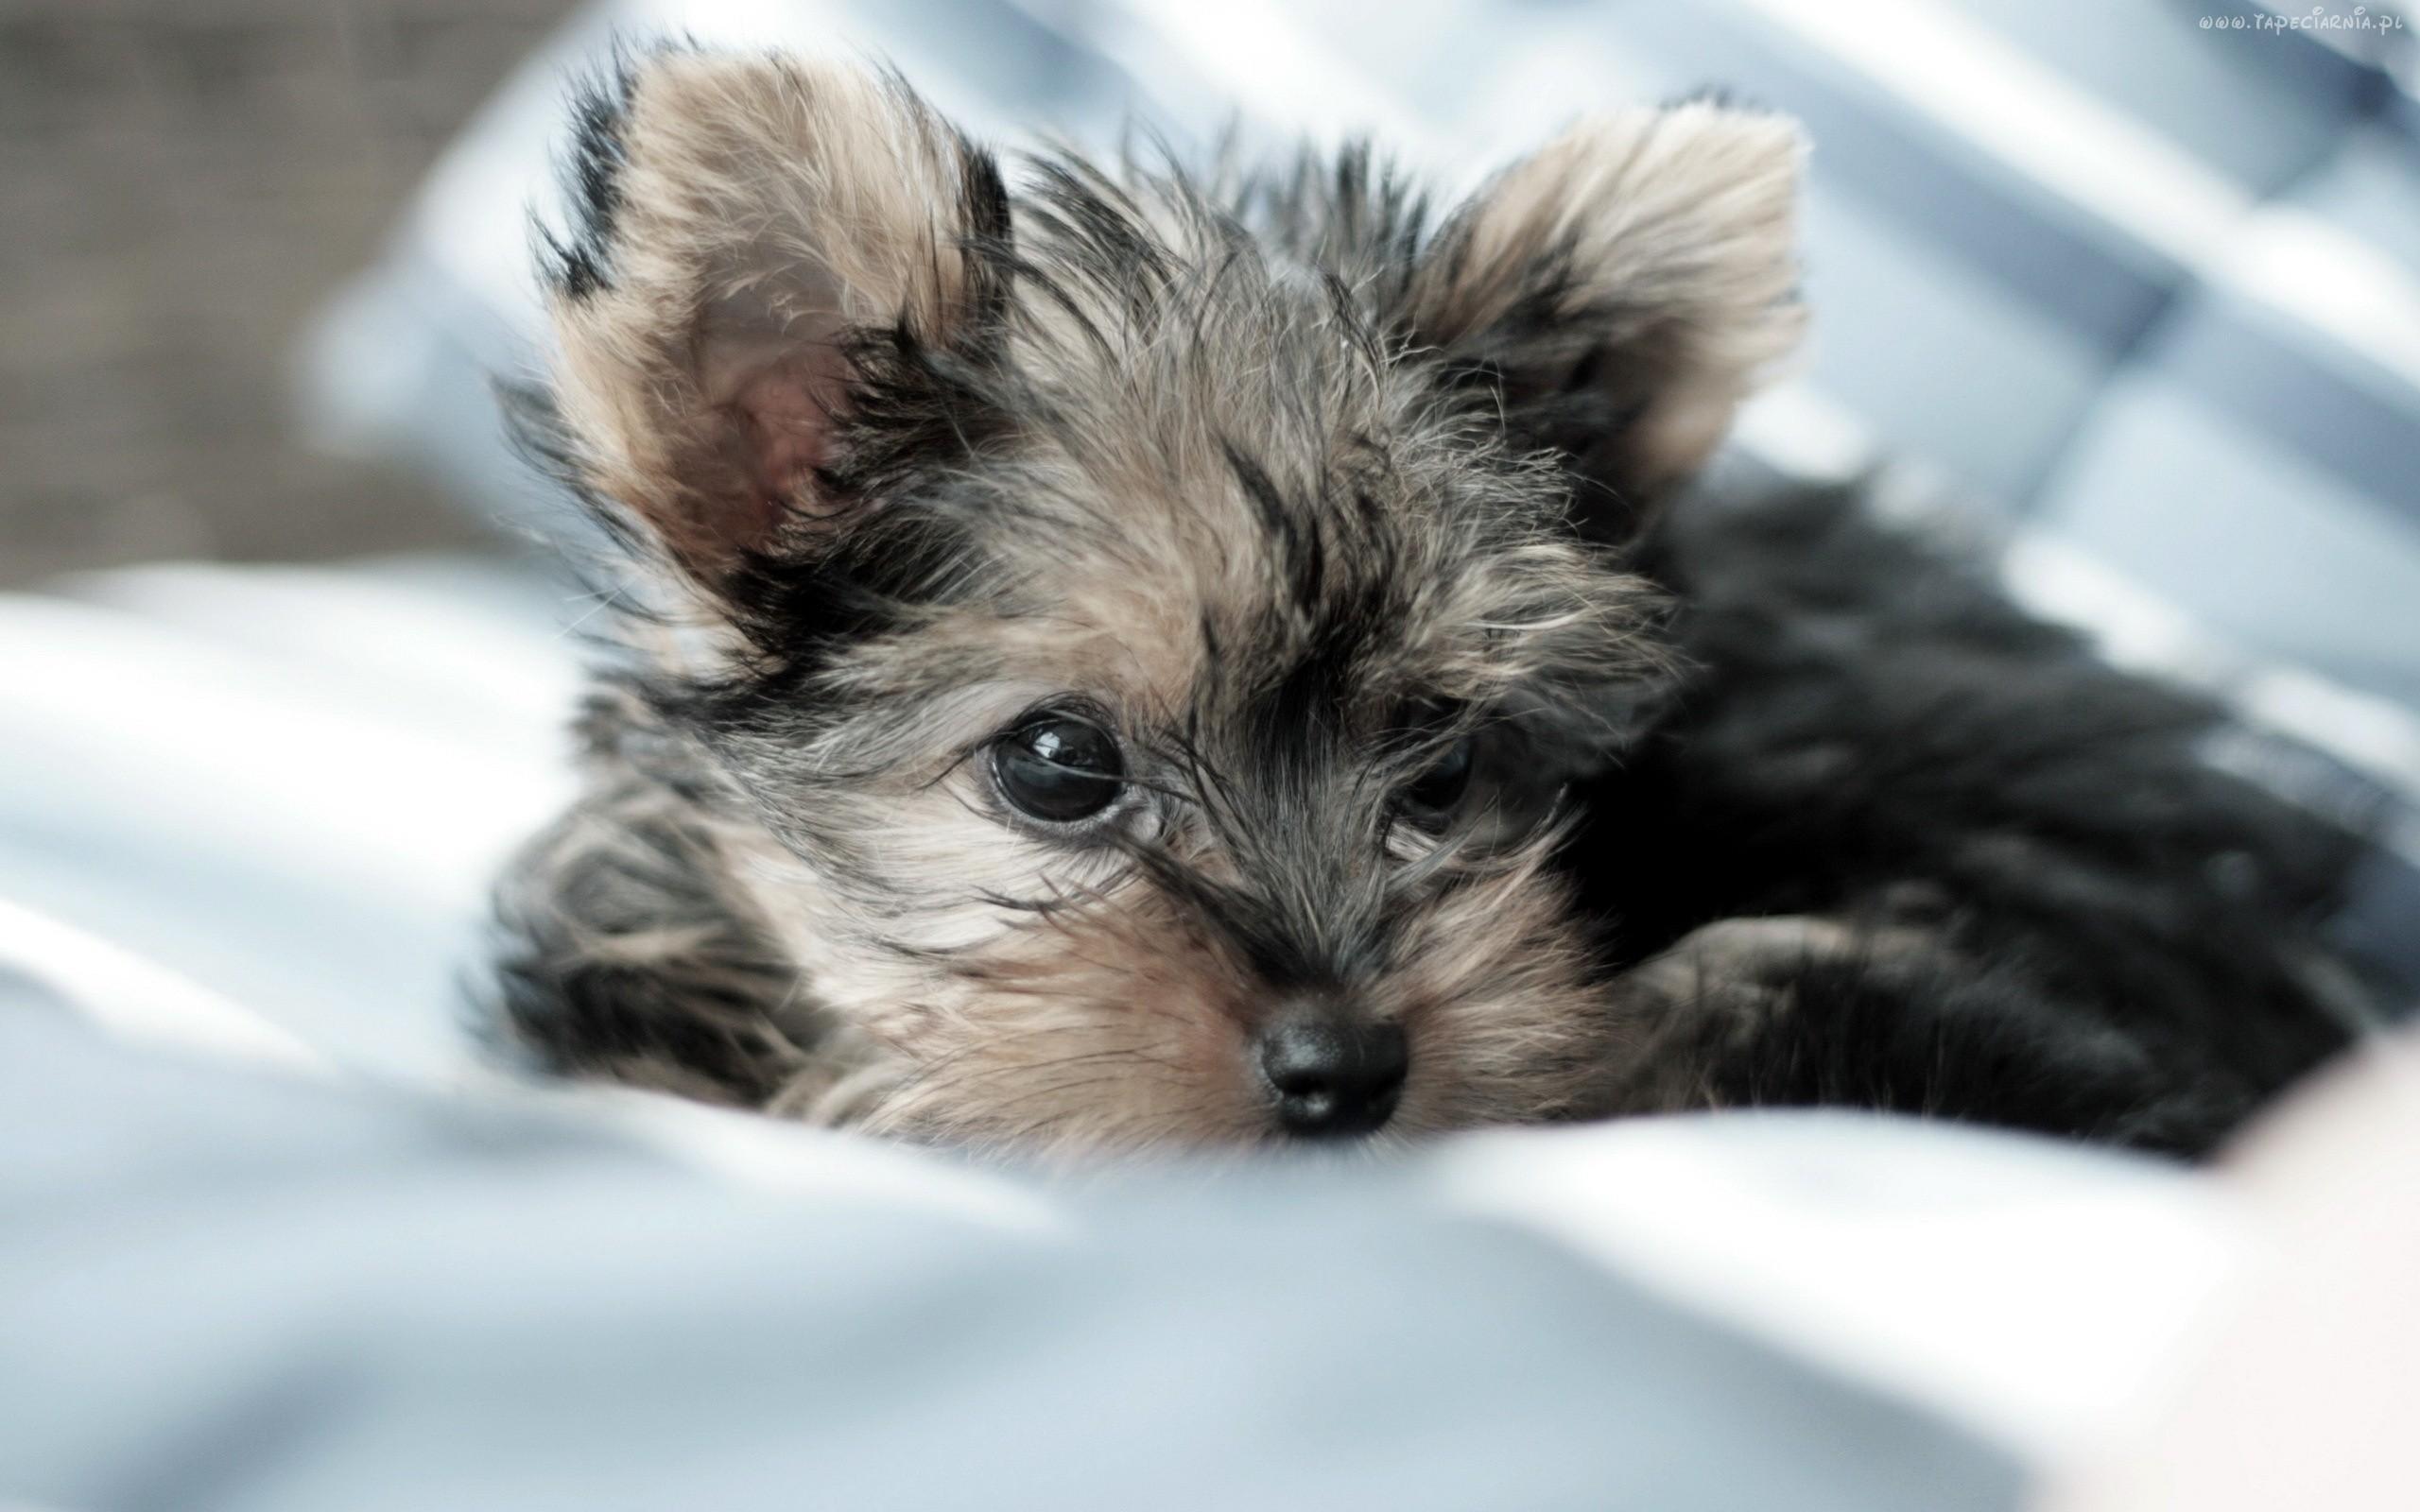 Yorkie Puppies Wallpaper Desktop. Dogs, Wallpaper, Puppies, Yorkie .